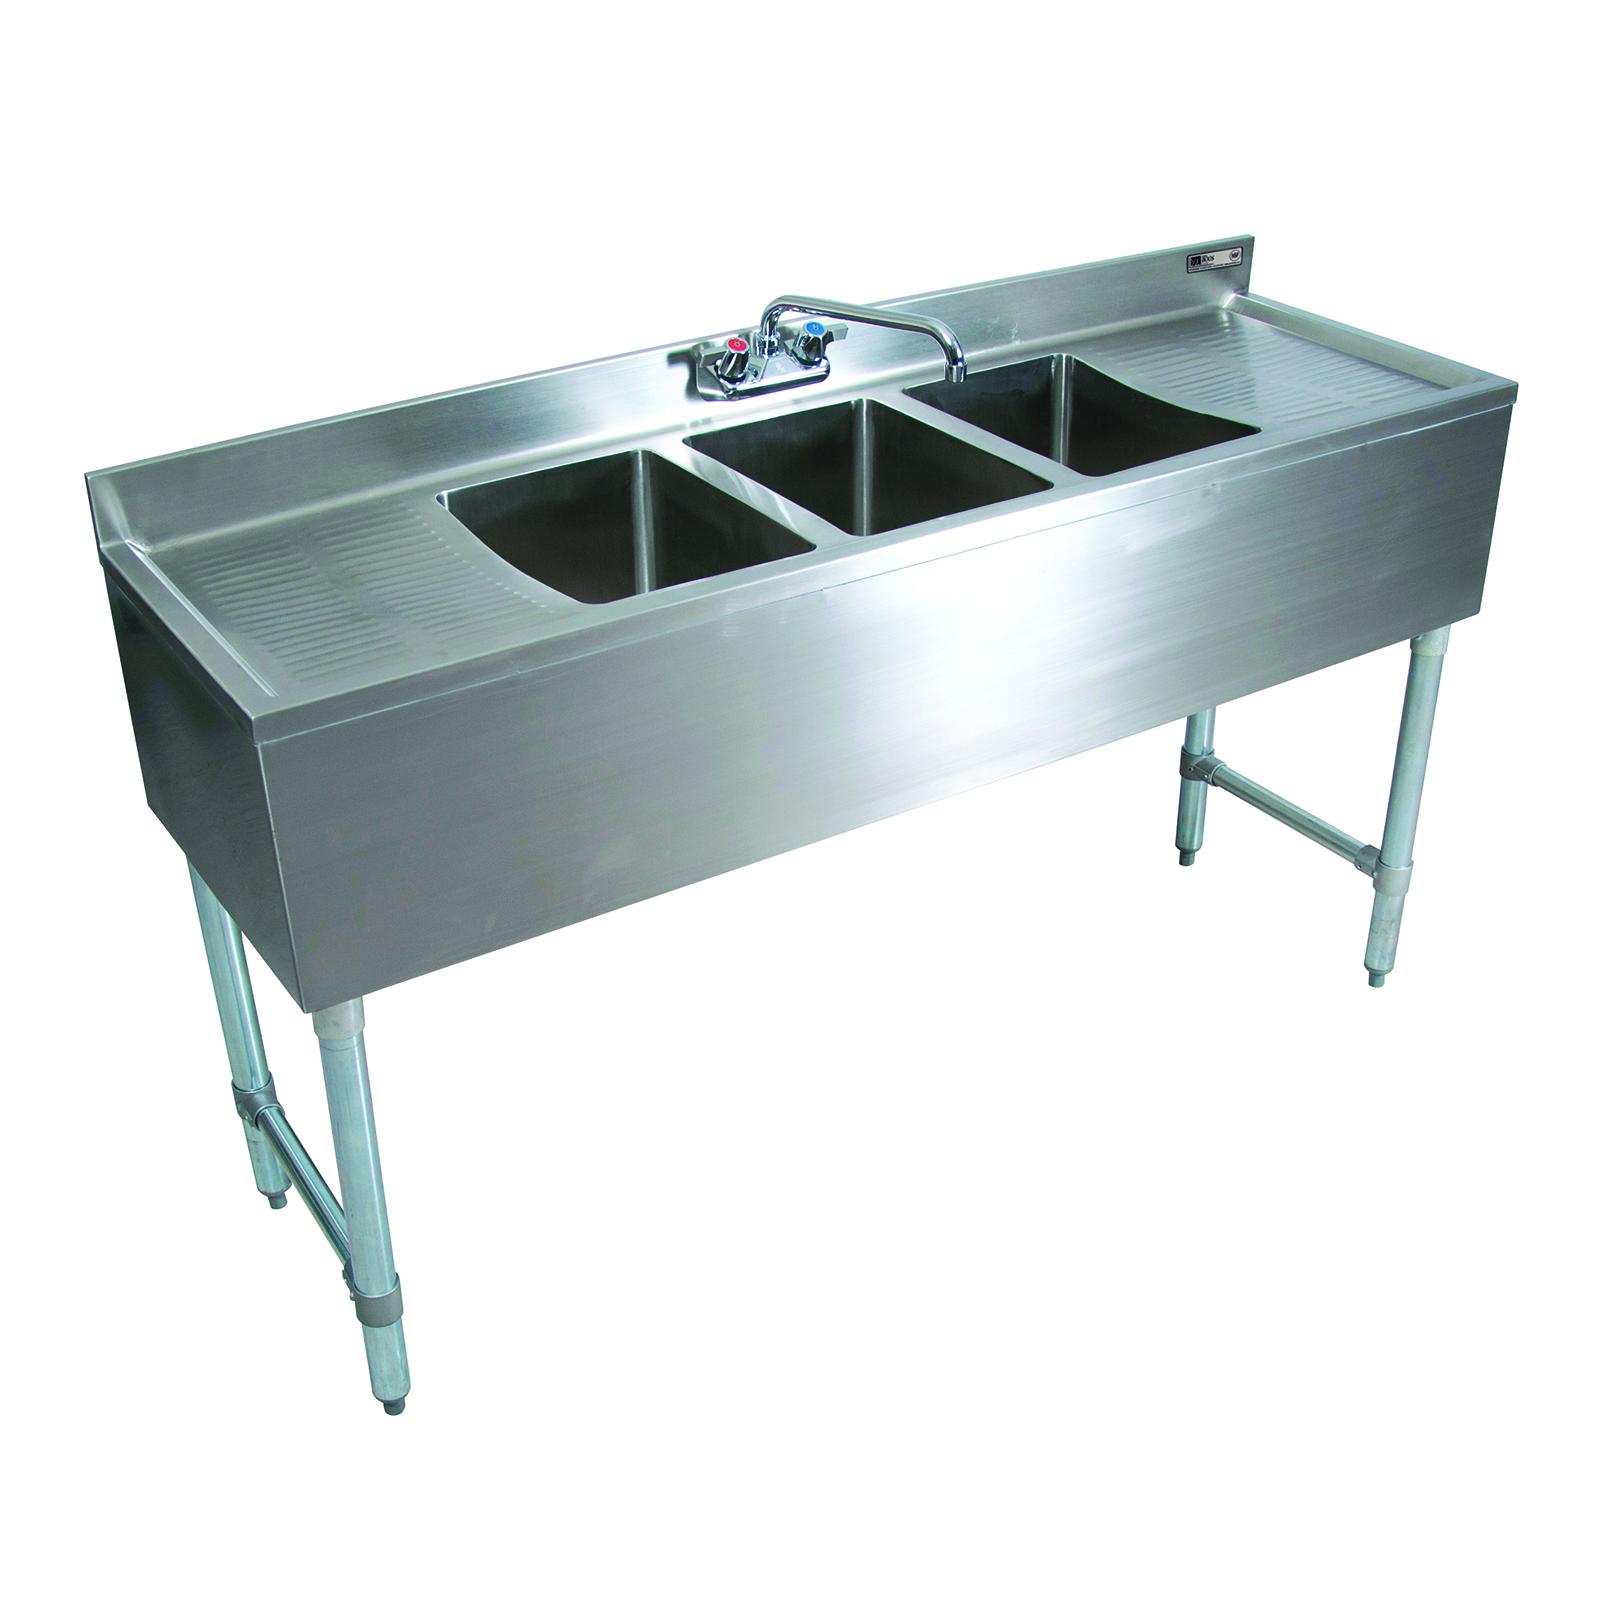 John Boos EUB3S96-2D underbar sink units